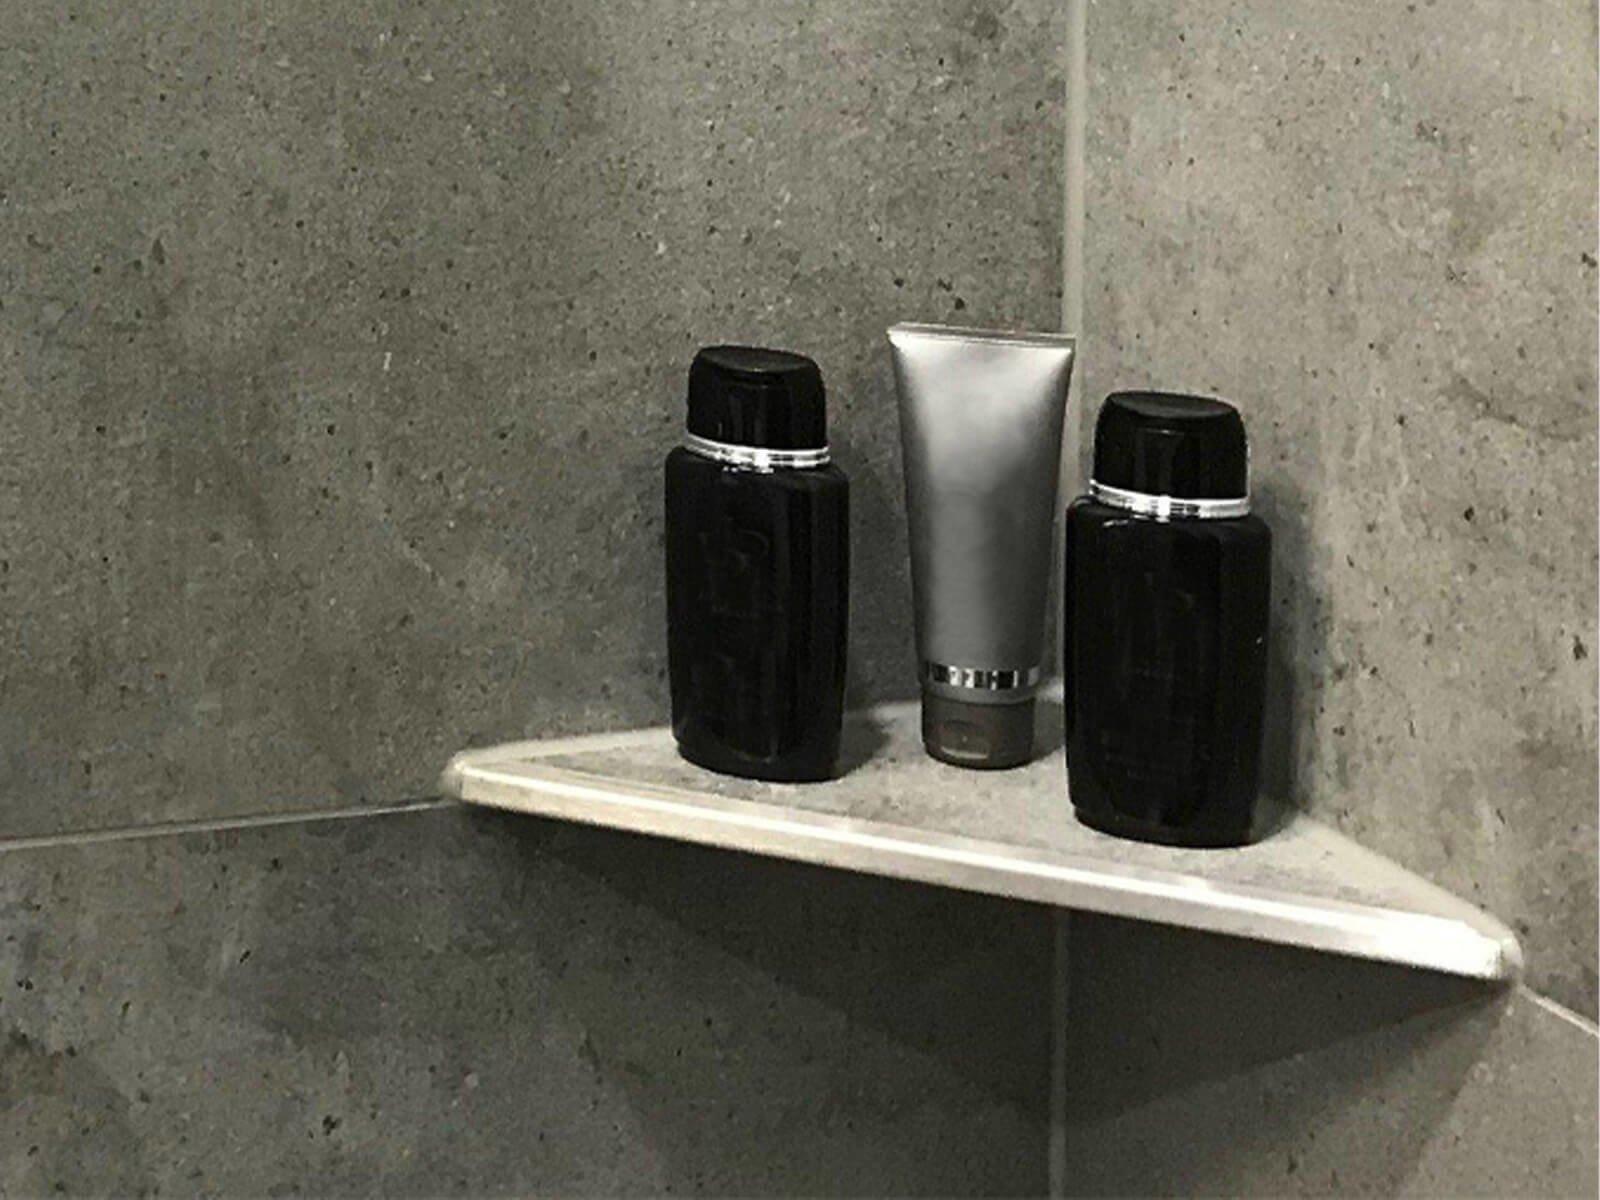 Duschablage aus massivem Edelstahl in eine Ecke mit Shampooflaschen